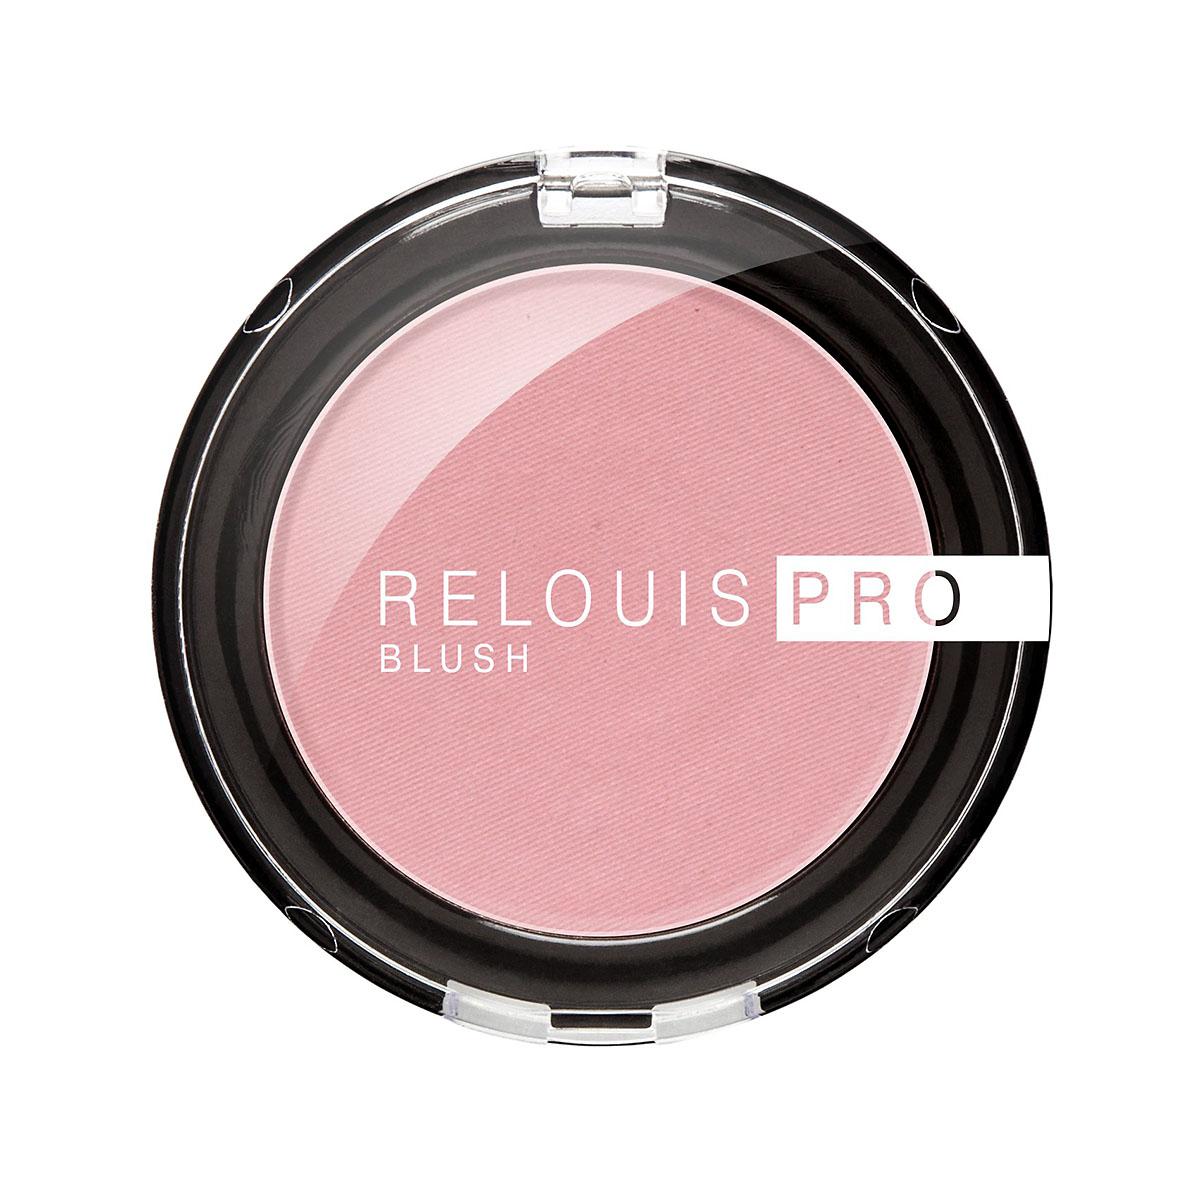 RELOUIS PRO BLUSH 72 PINK LILY